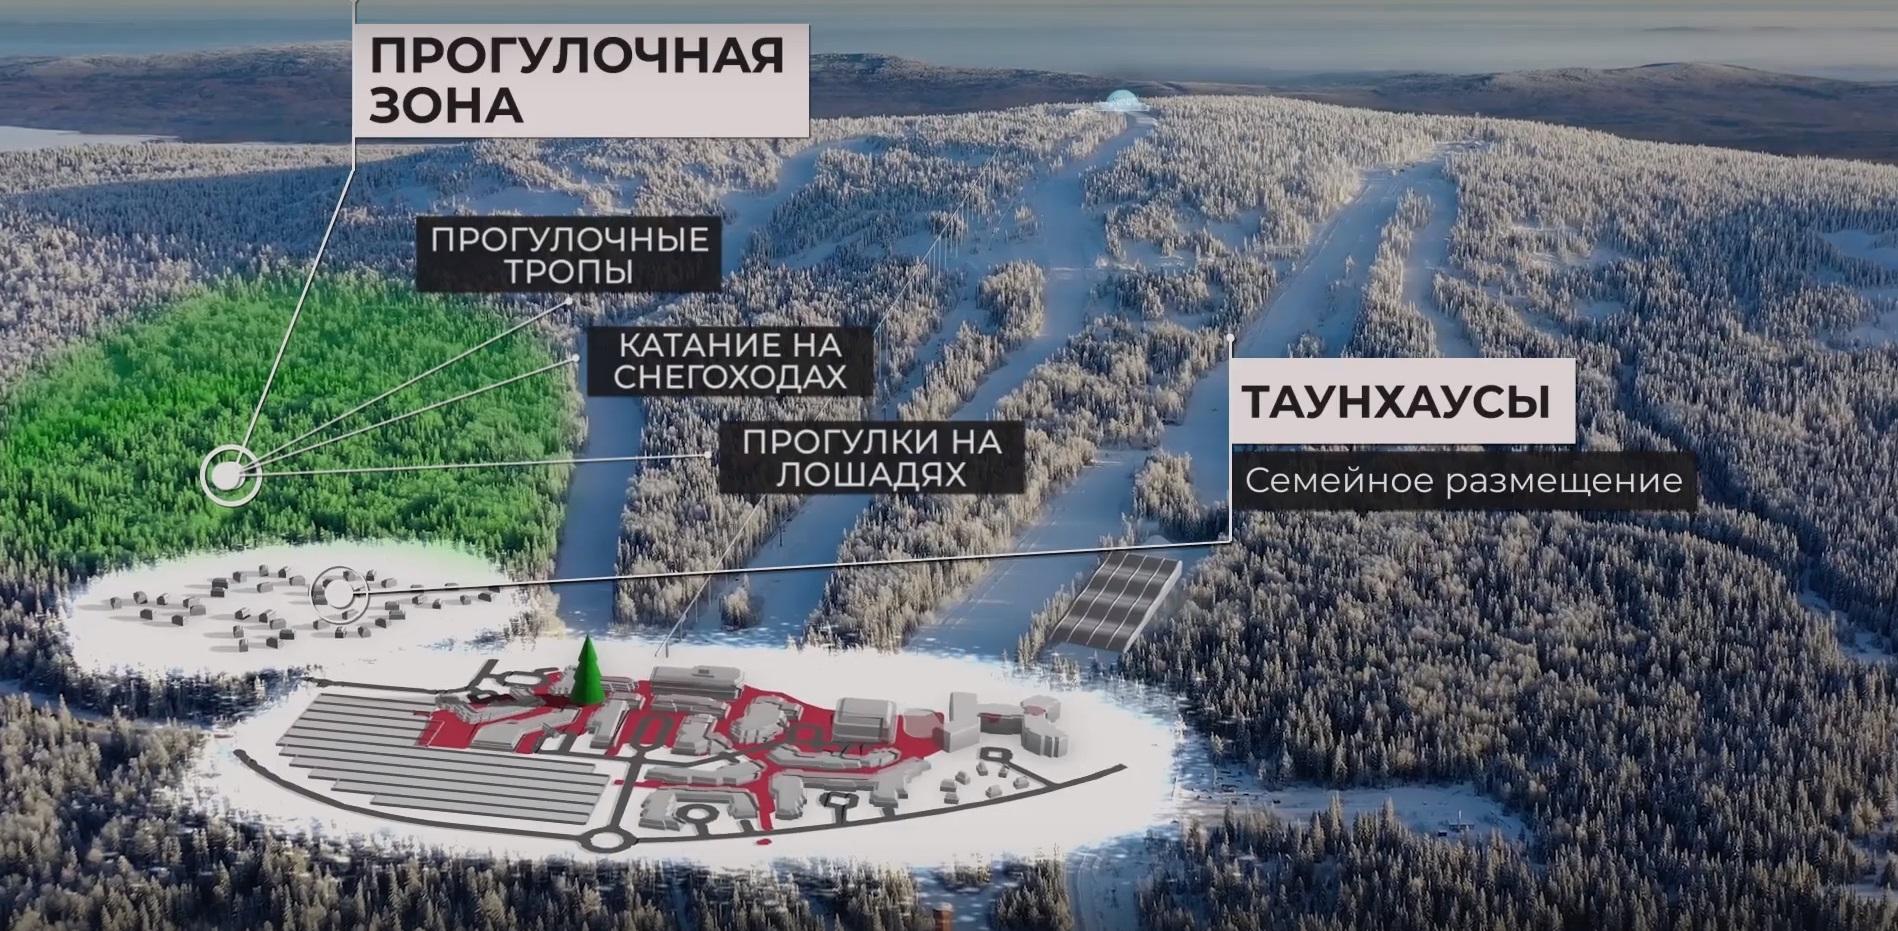 ВНижнем Тагиле пройдет реконструкция горнолыжного курорта «Гора Белая»